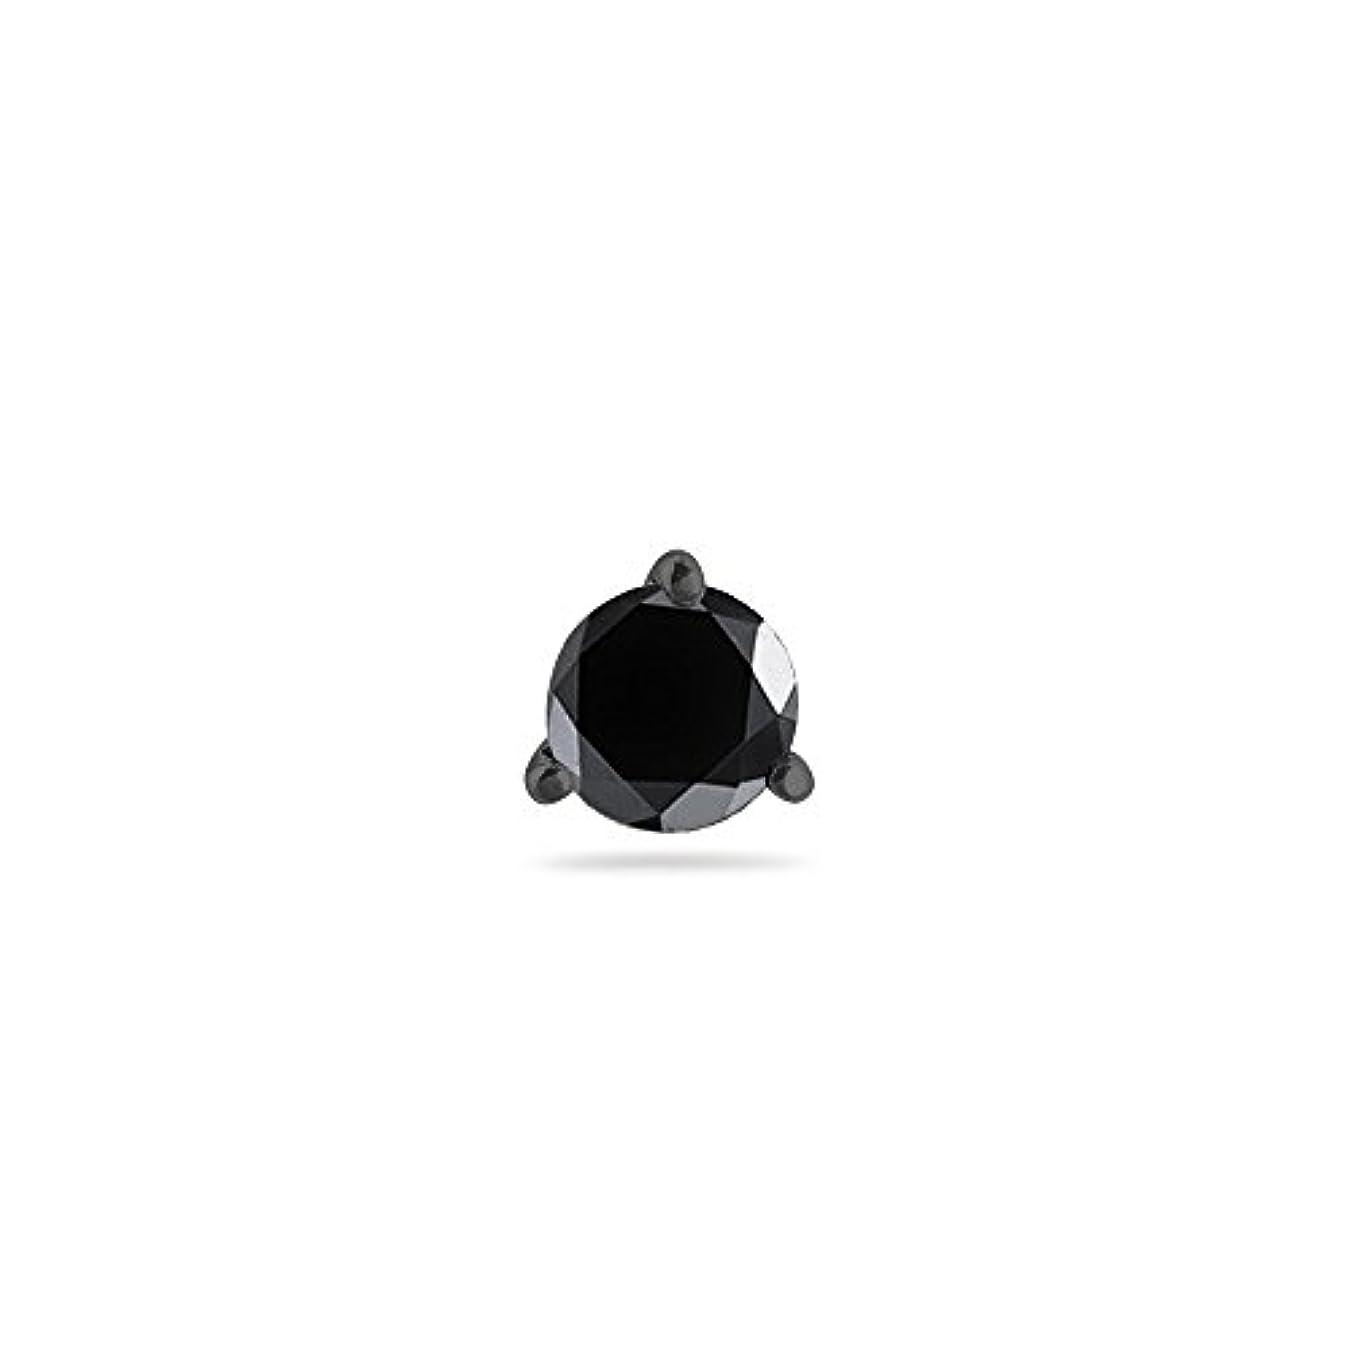 フレアオセアニア寝具クリスマスDeal – 1 / 4 ( 0.21 – 0.27 ) CTSの3.70 – 3.90 MM AAラウンドブラックダイヤモンドメンズスタッドイヤリング14 K Blackenedホワイトゴールド